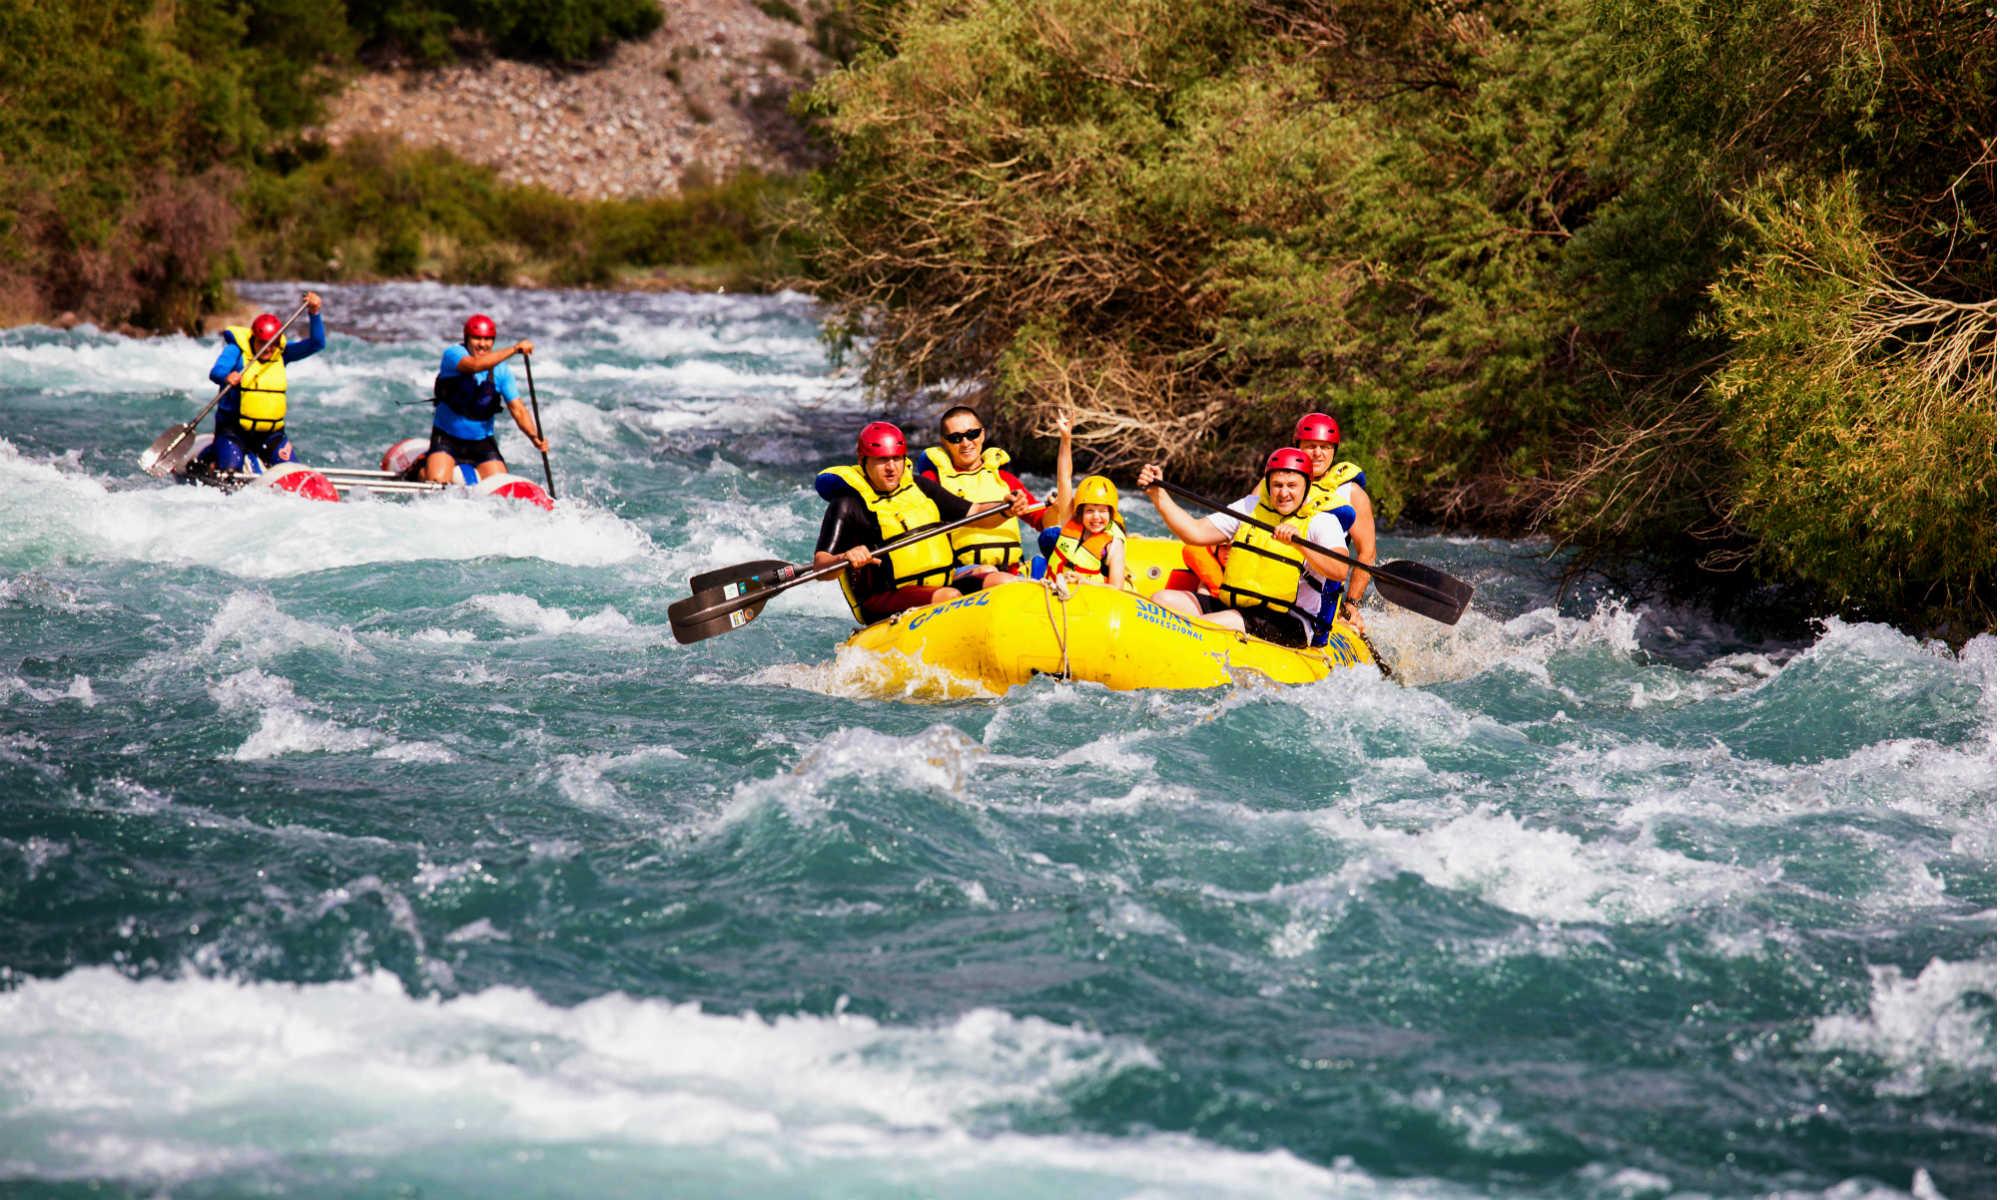 Mehrere Personen unterschiedlichen Alters sitzen in 2 Schlauchbooten und paddeln bei einer Rafting Tour auf einem Fluss.